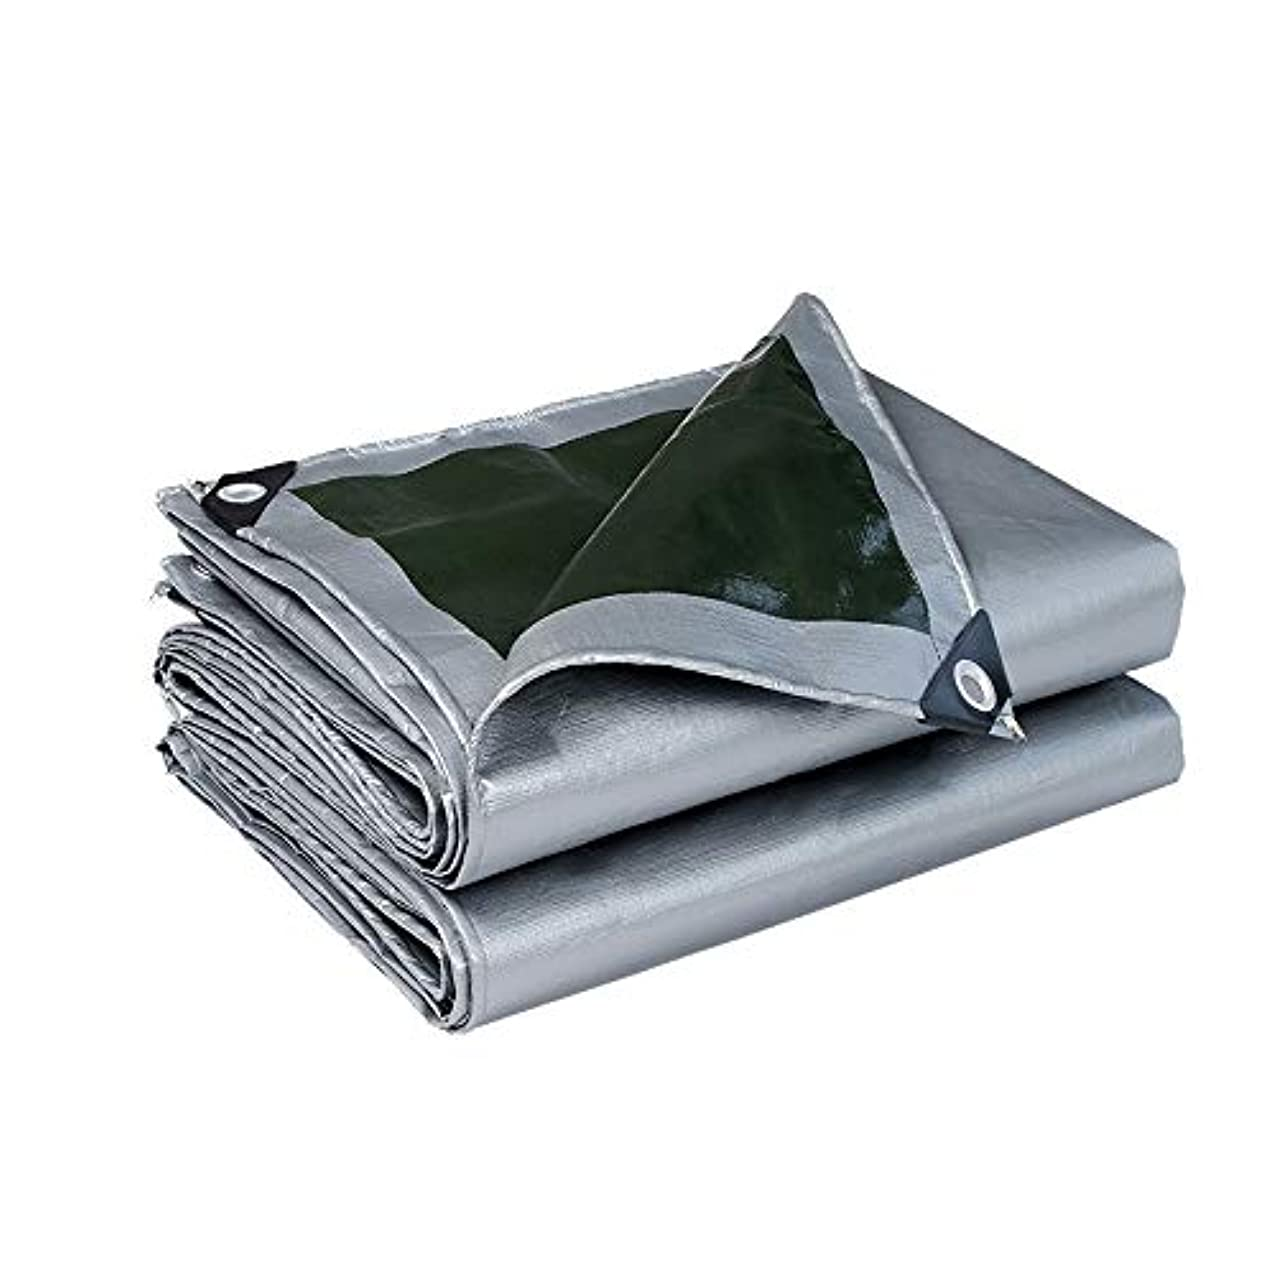 潮軽減する冷淡なスーパーヘビーポリタープ - グロメットと強化エッジを備えた厚手の防水性、耐UV性、腐敗、破れ防止、防水性の防水シート (Size : 5x7m)